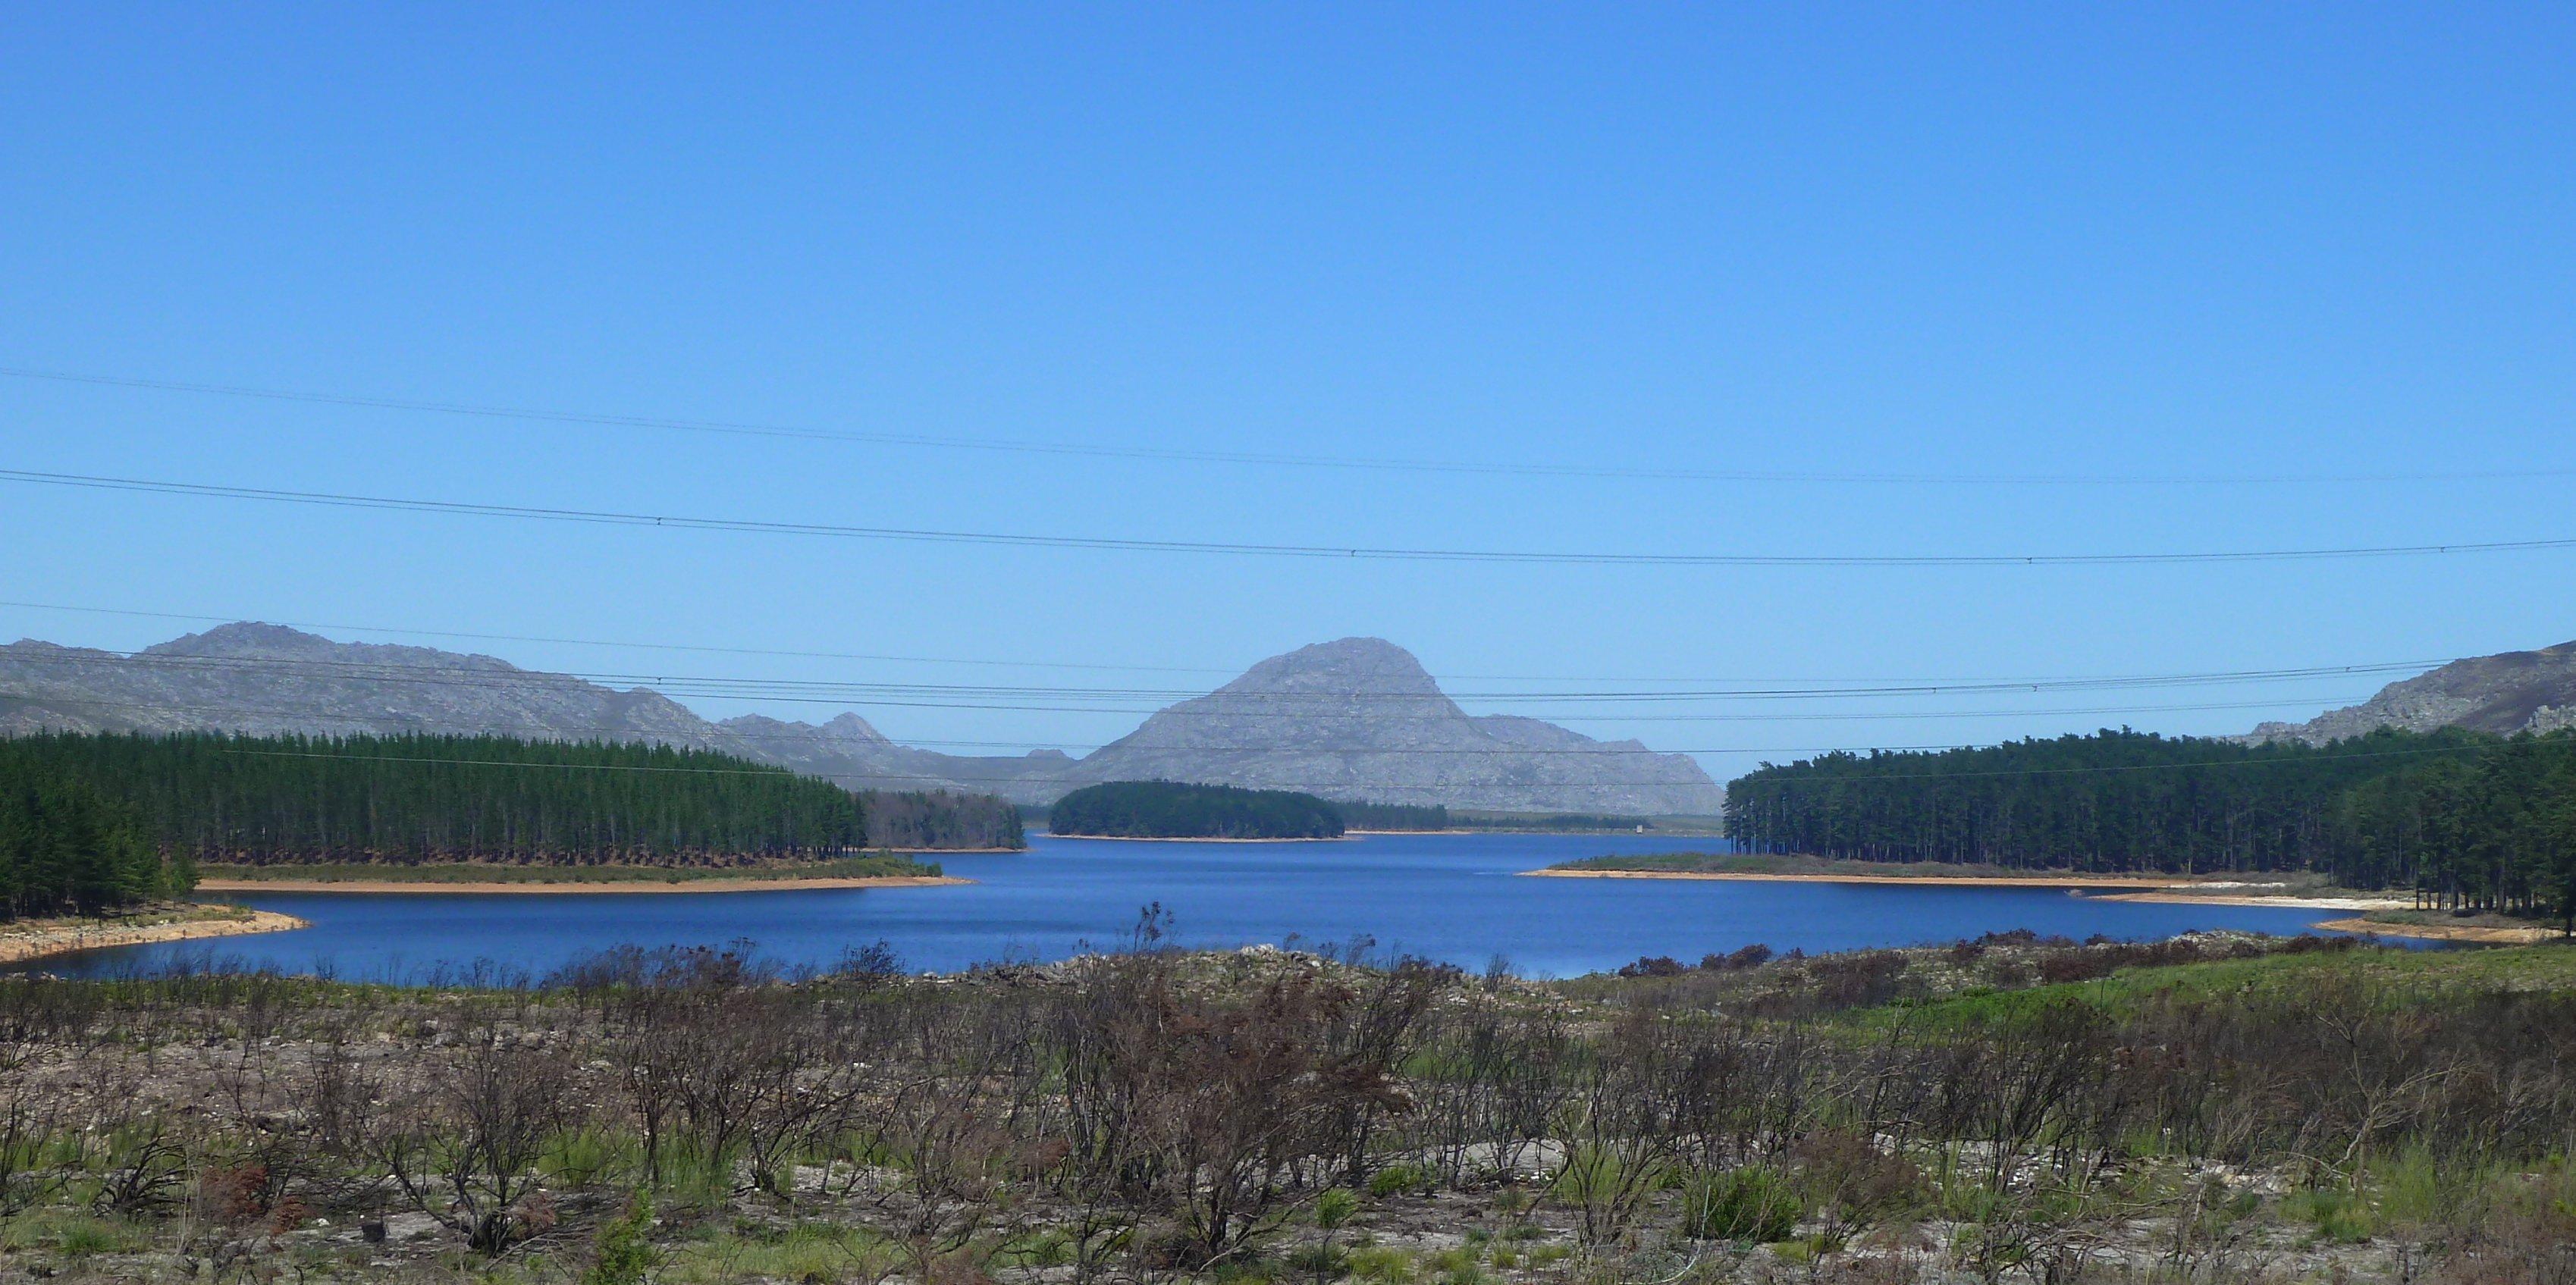 Ein großer Staudamm mit Bäumen an den Ufern und den Bergen Kapstadts im Hintergrund